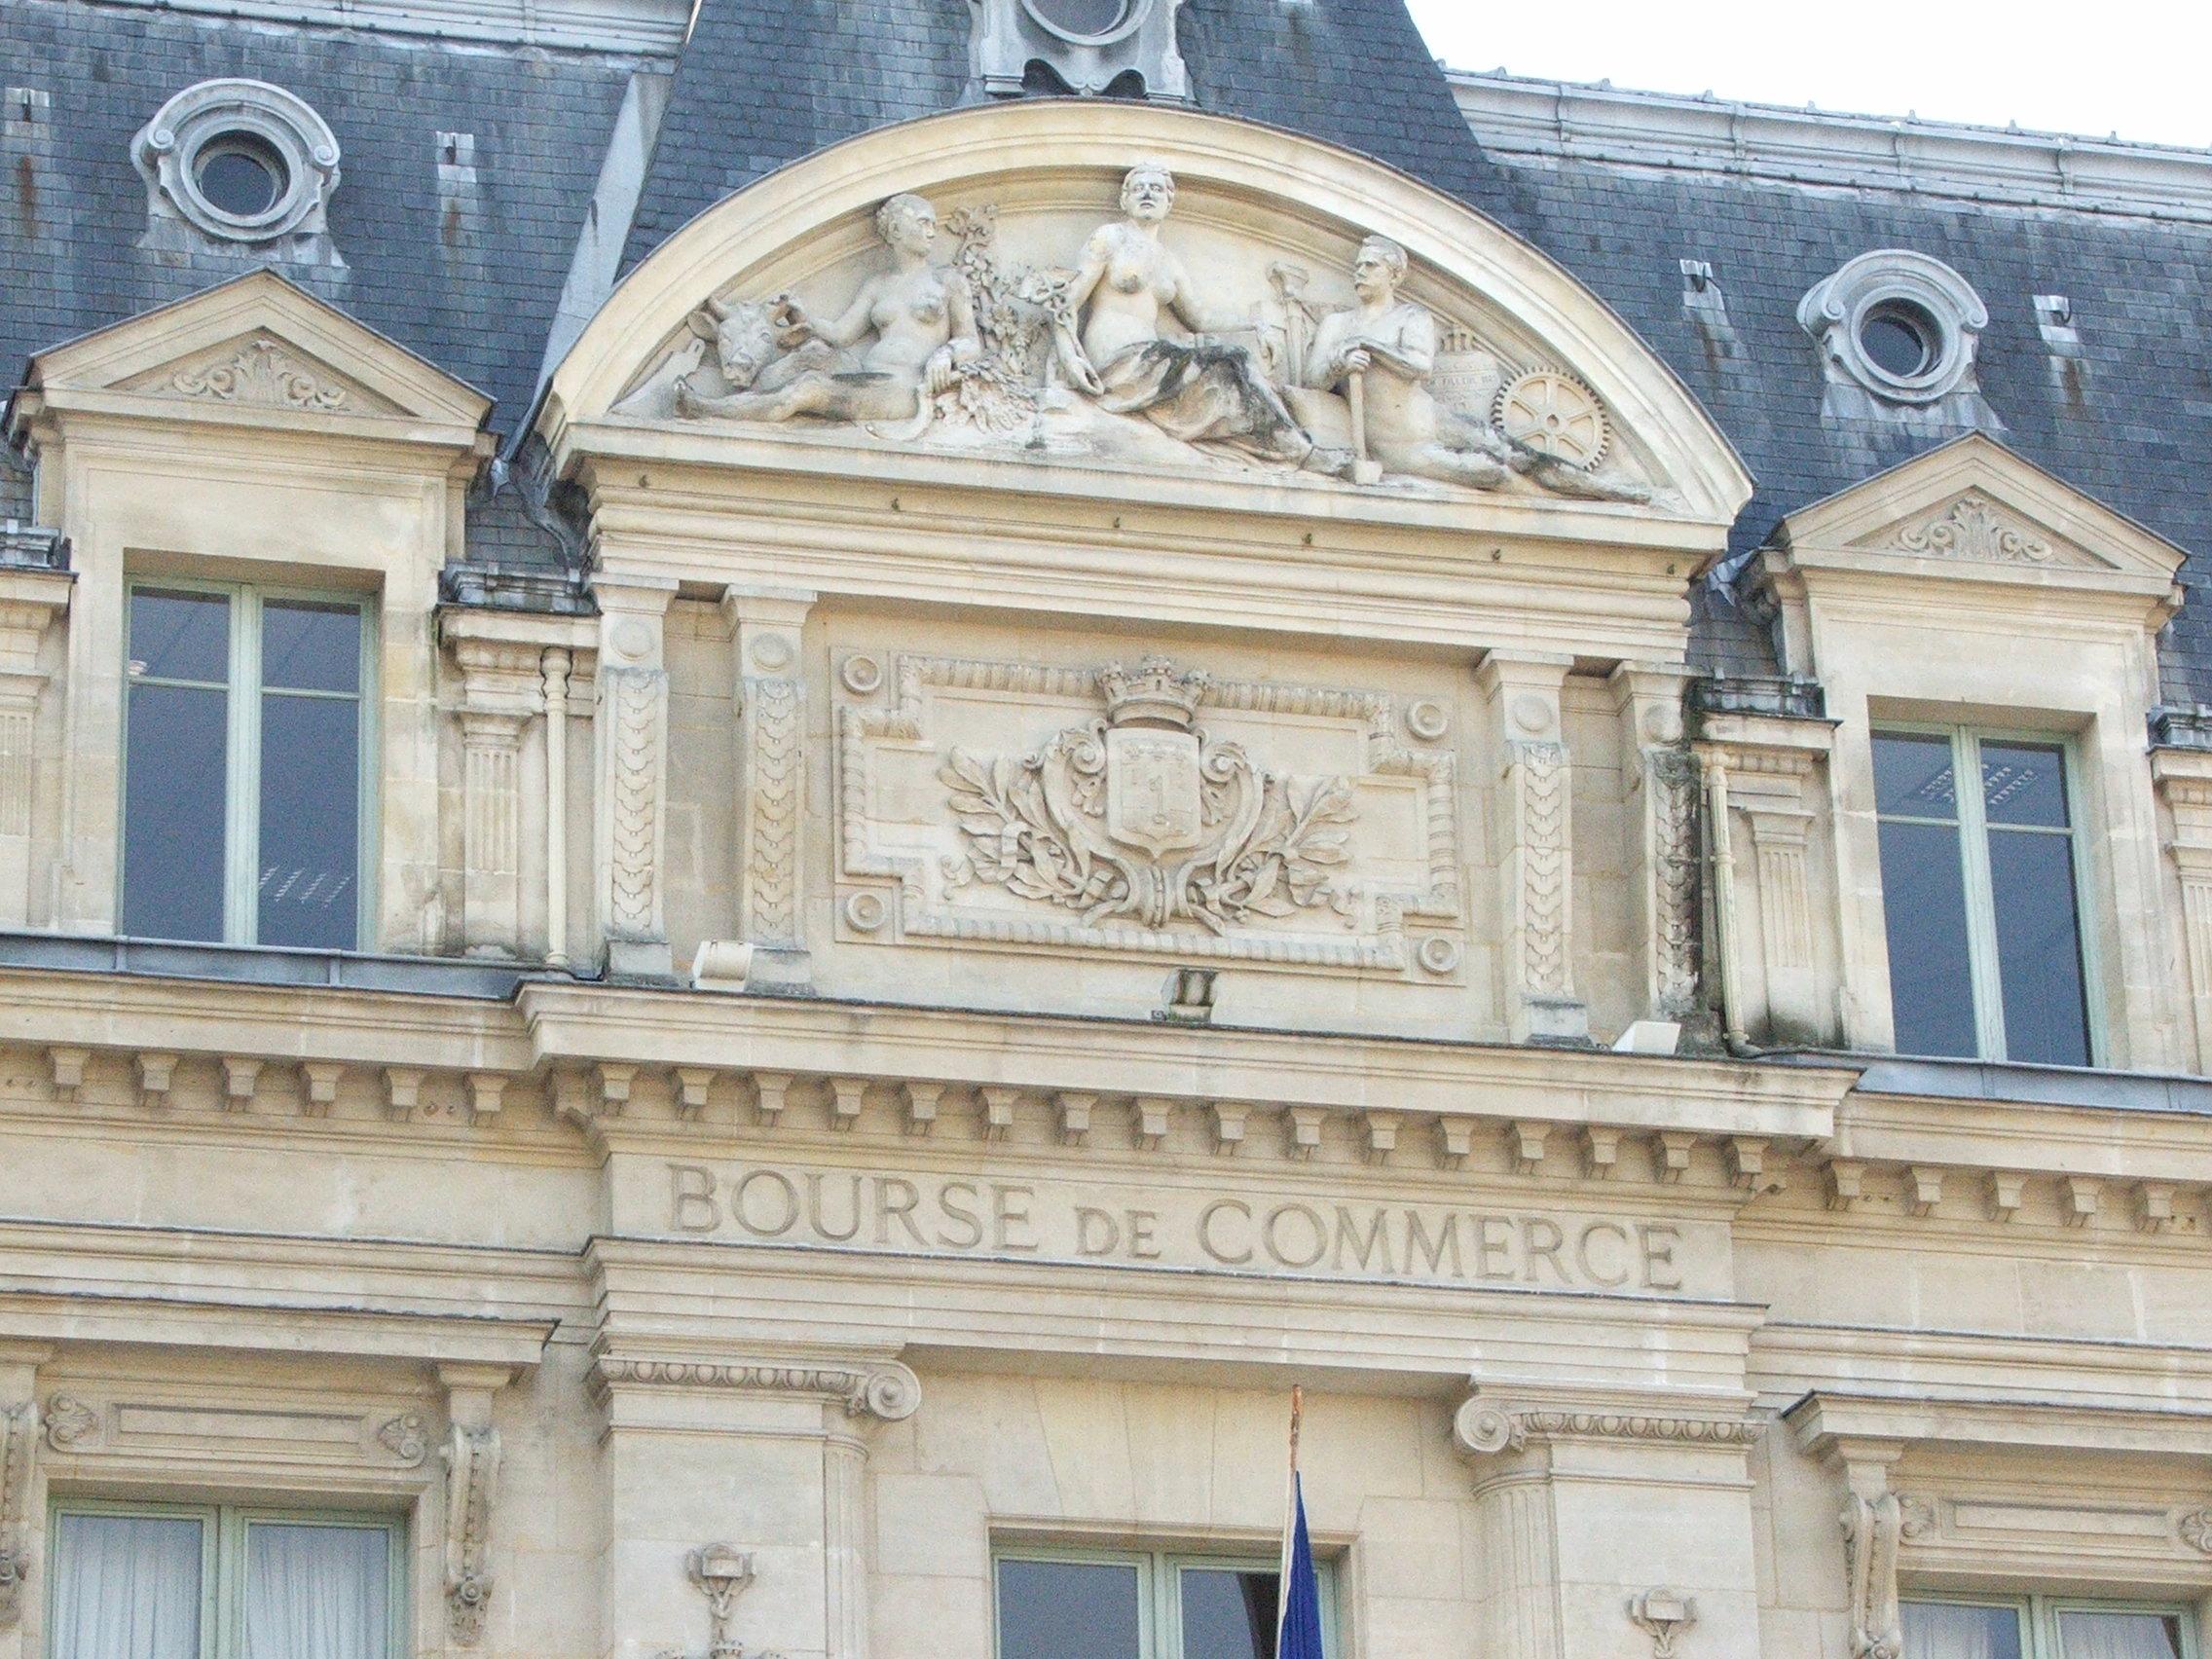 Rencontre Sexe Saint Etienne (42000), Trouves Ton Plan Cul Sur Gare Aux Coquines